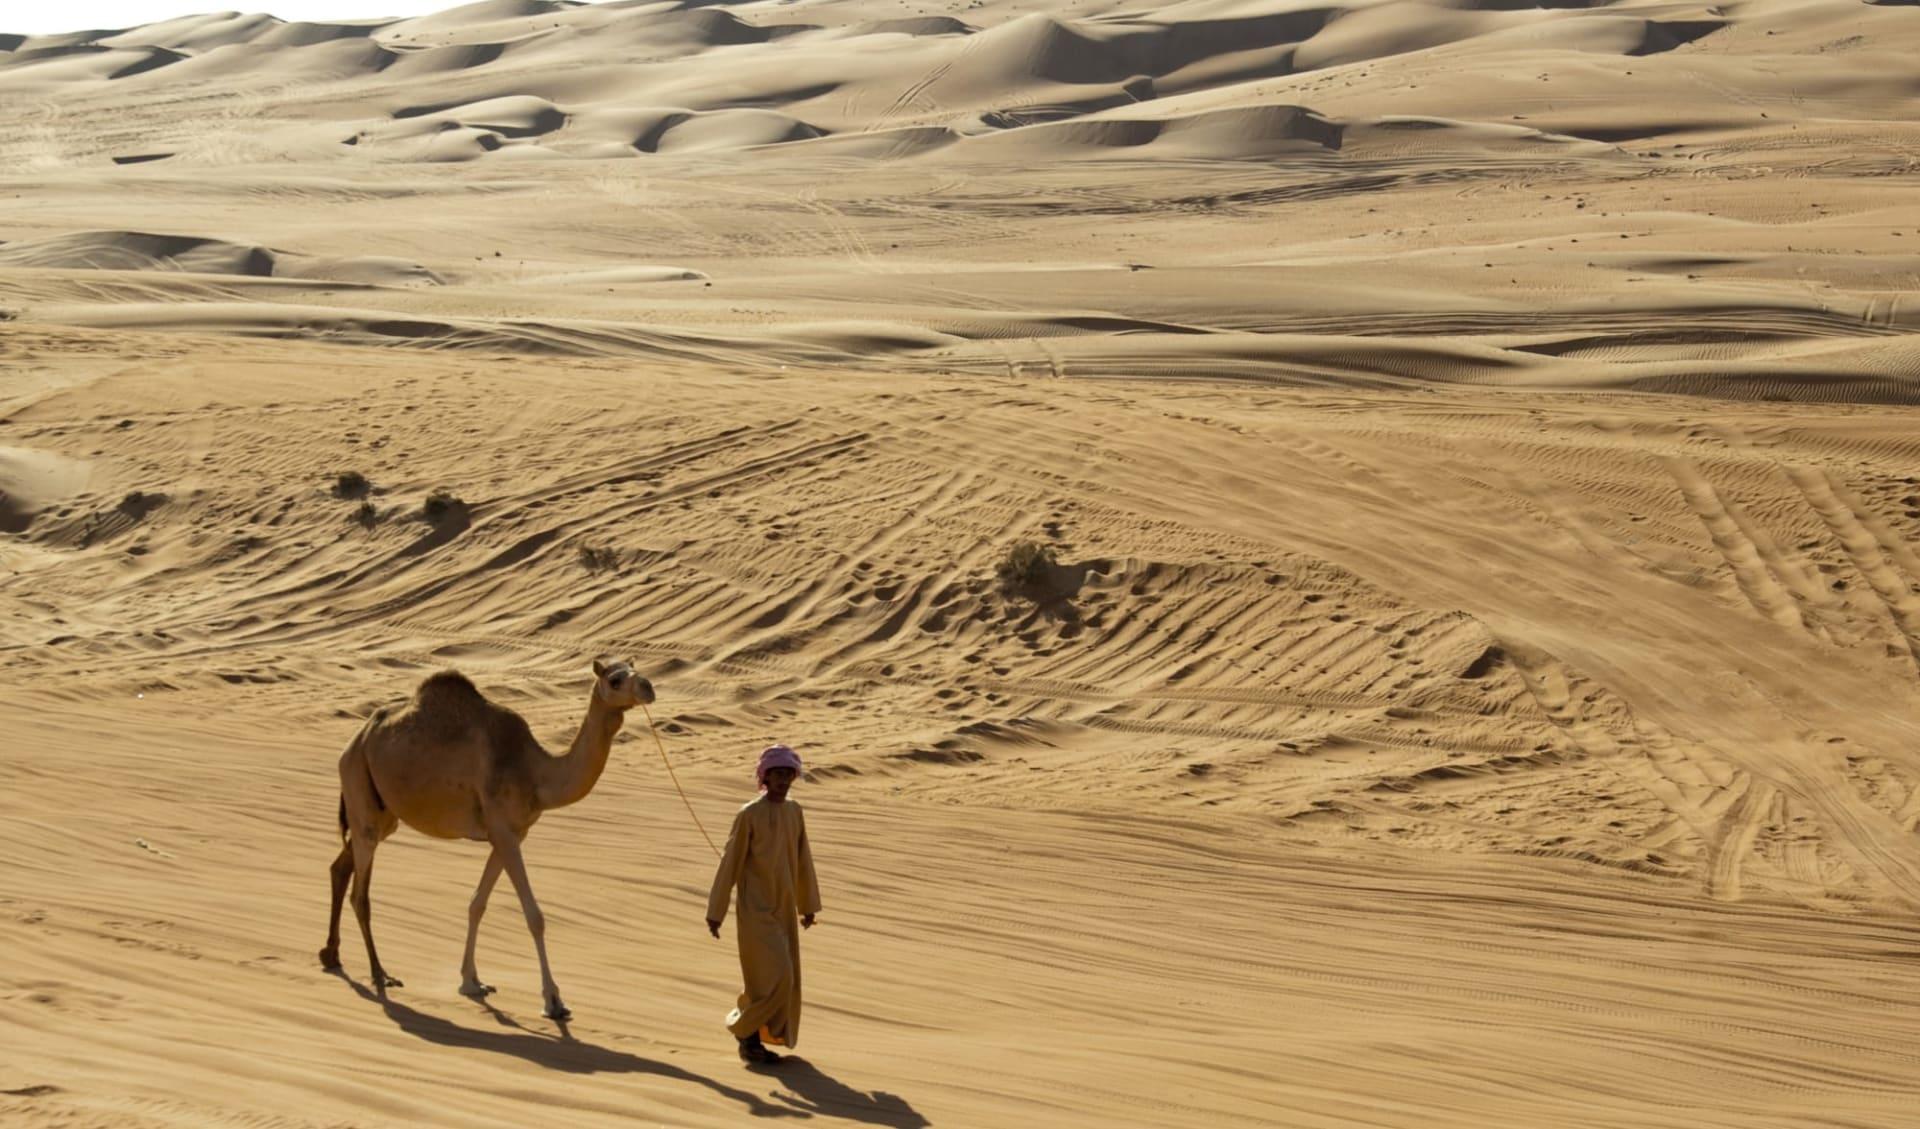 Auf den Spuren der alten Weihrauchroute ab Salalah: Camel in the desert